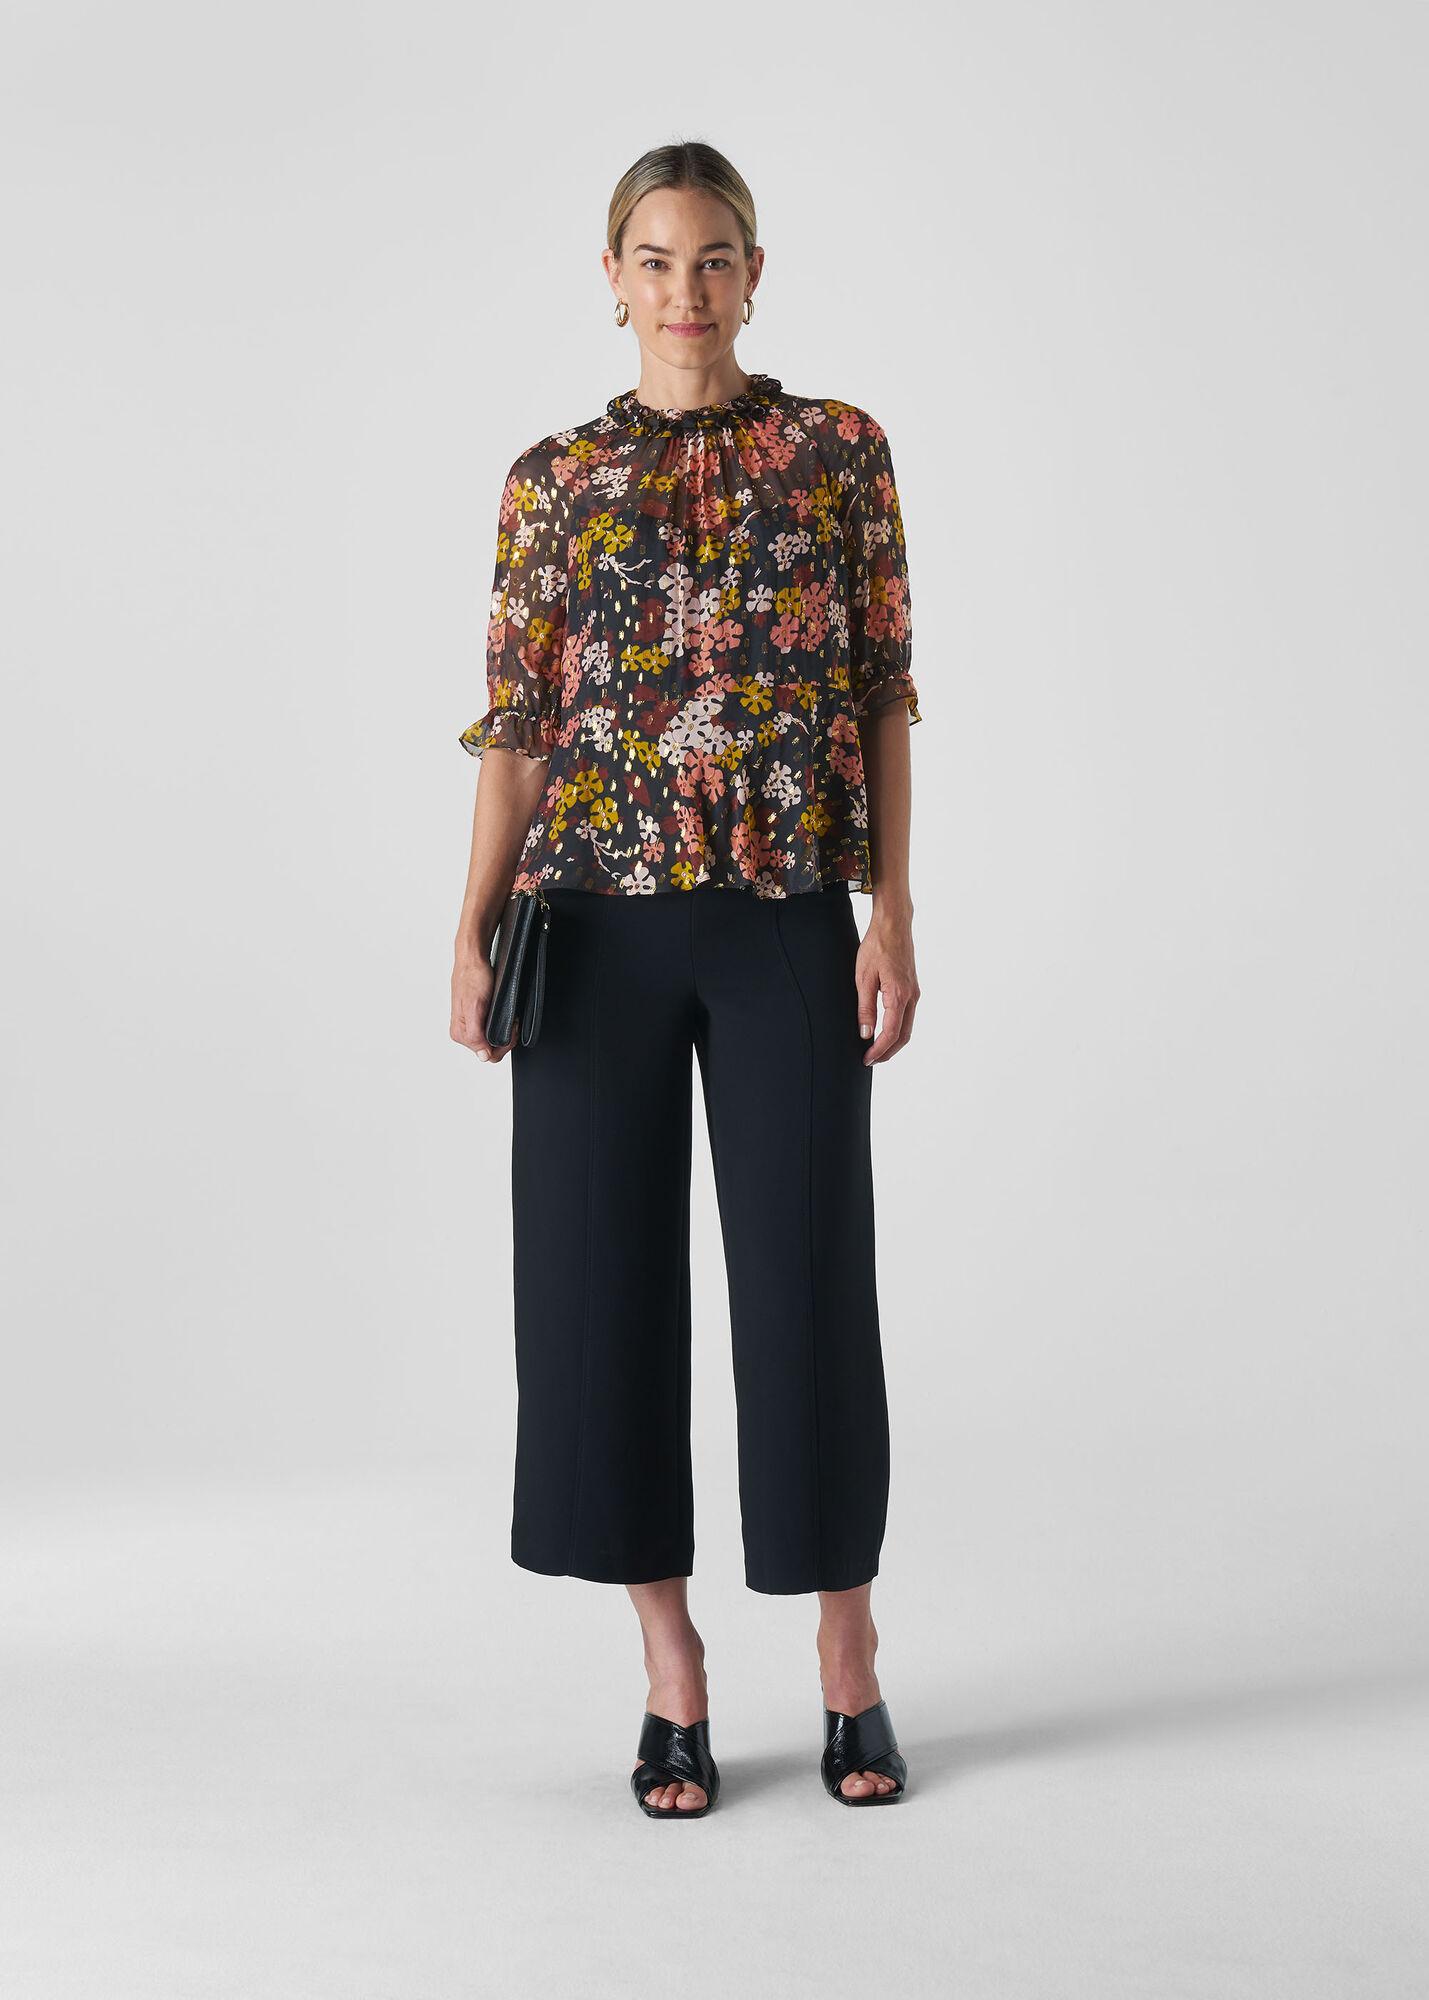 Clover Floral Silk Mix Top